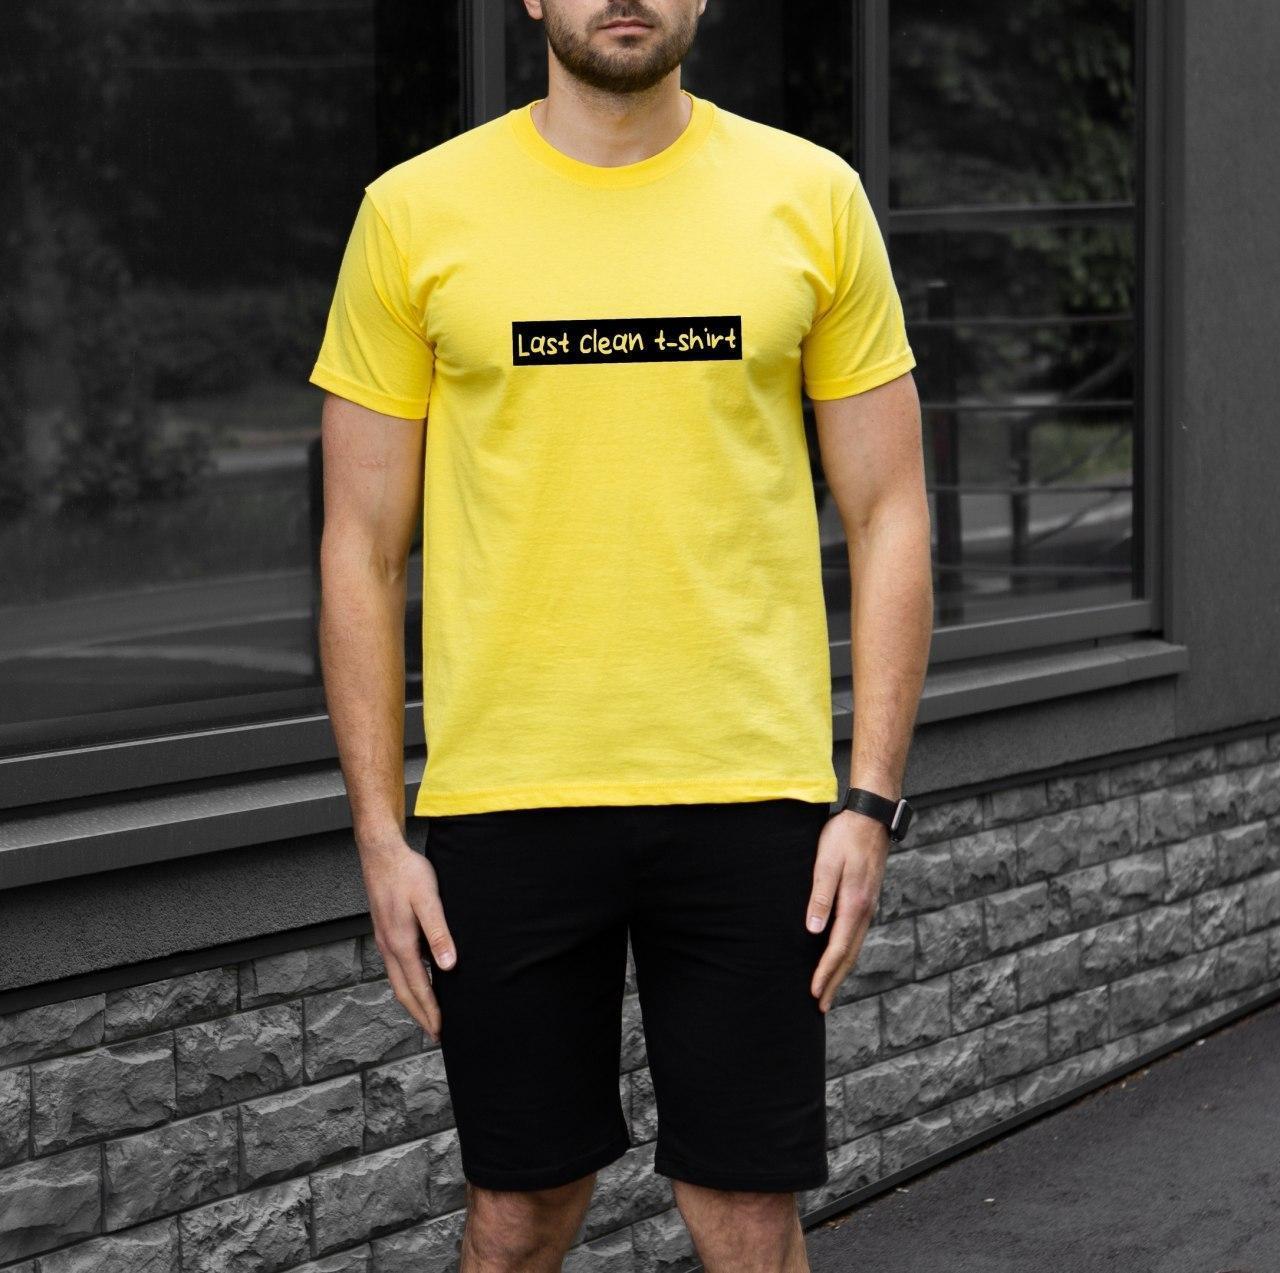 Чоловічий комплект футболка + шорти Last clean жовто-чорний